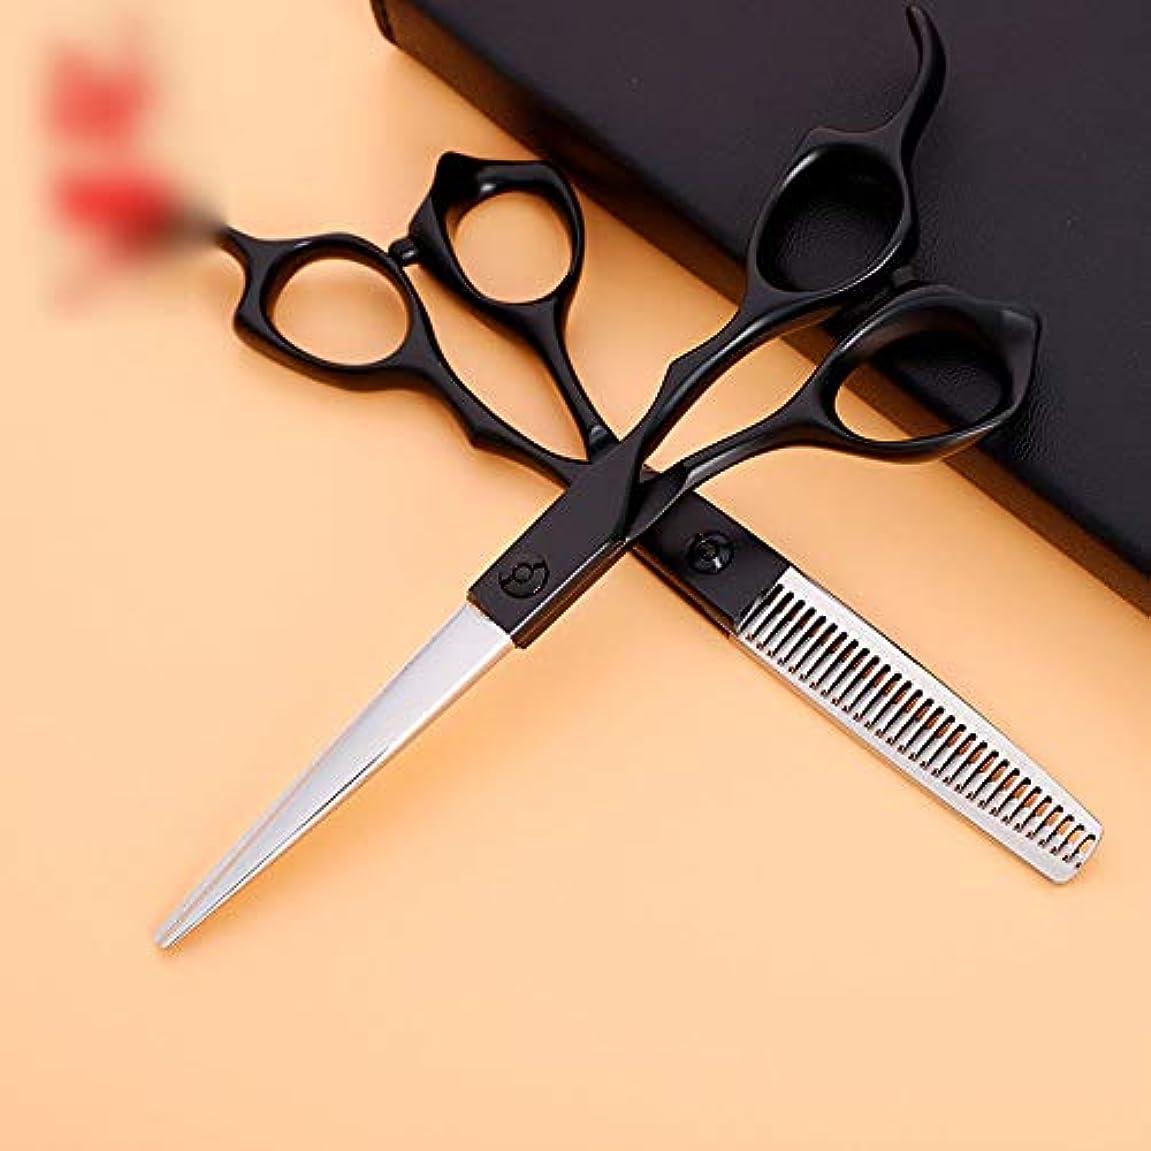 近代化巻き戻すキャッチ6インチの美容院の専門の理髪セット、家の毛の切断用具セット モデリングツール (色 : 黒)